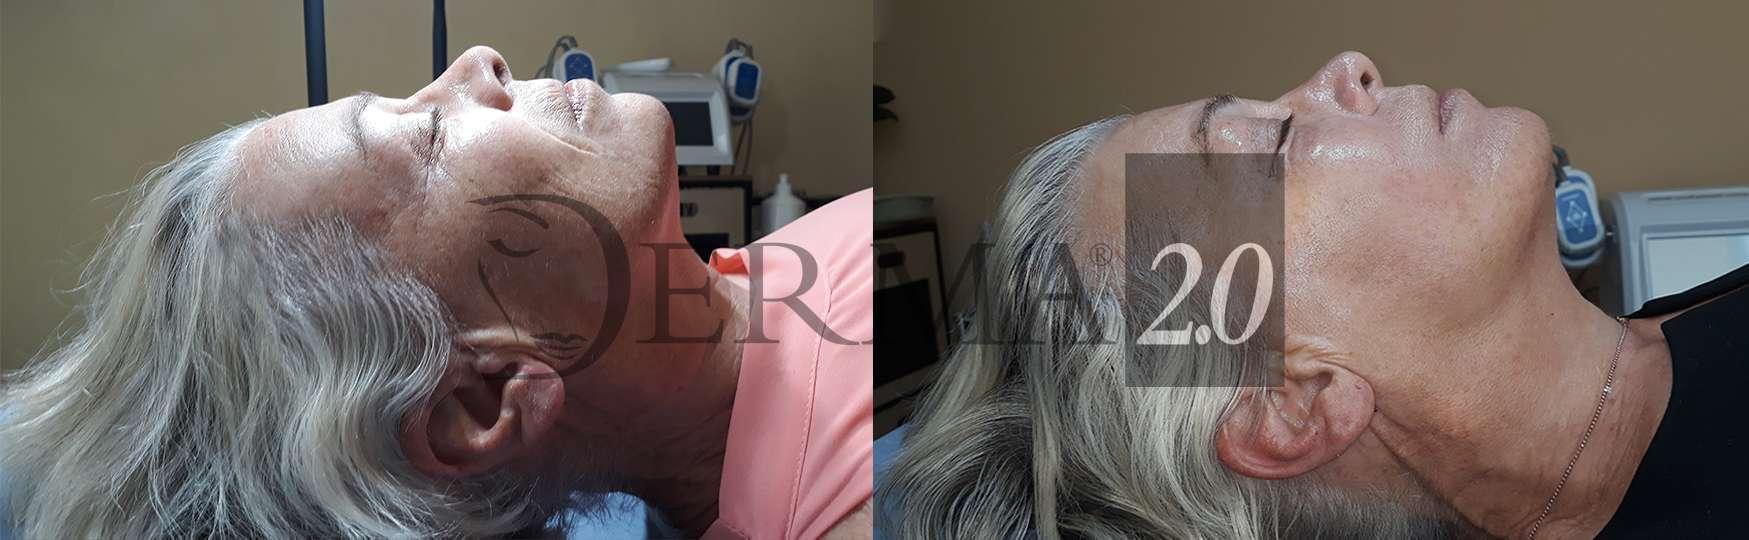 Biorivitalizzante viso per biorivitalizzazione viso con 3 tipi di acido ialuronico biorivitalizzazione con acido ialuronico e trattamento occhiaie